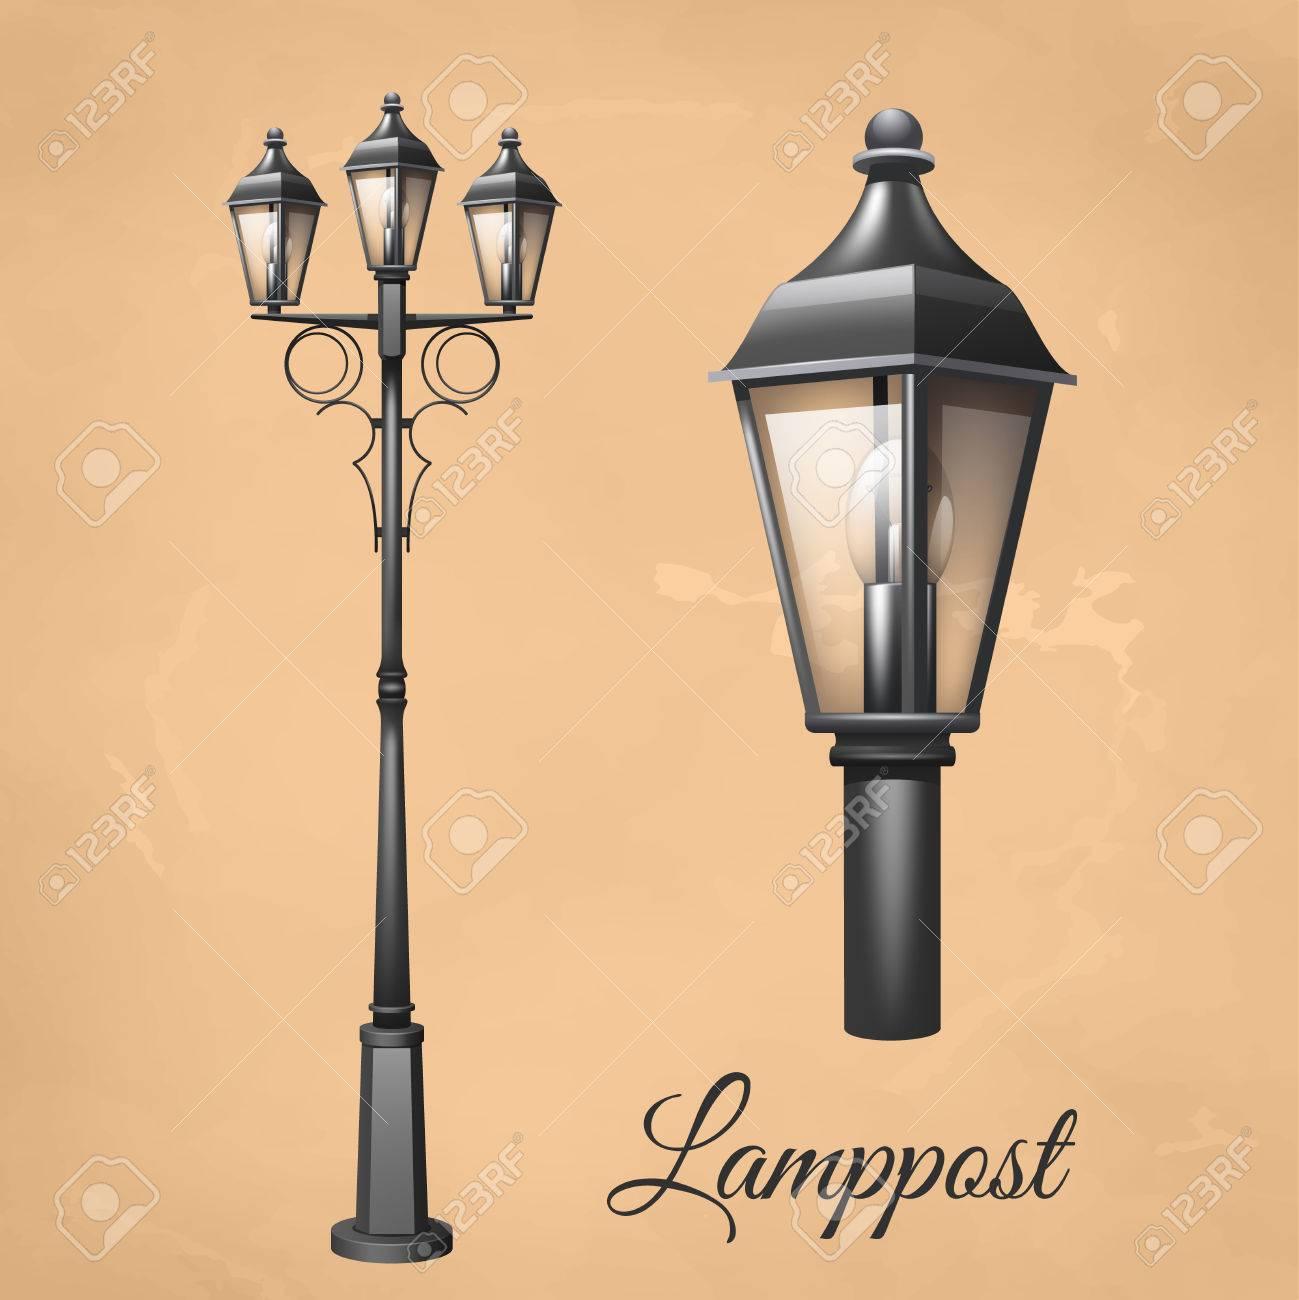 Isolé Set Illustration Lanterne Électrique Retro Lampadaire Vintage Vectorielle EDH29WI